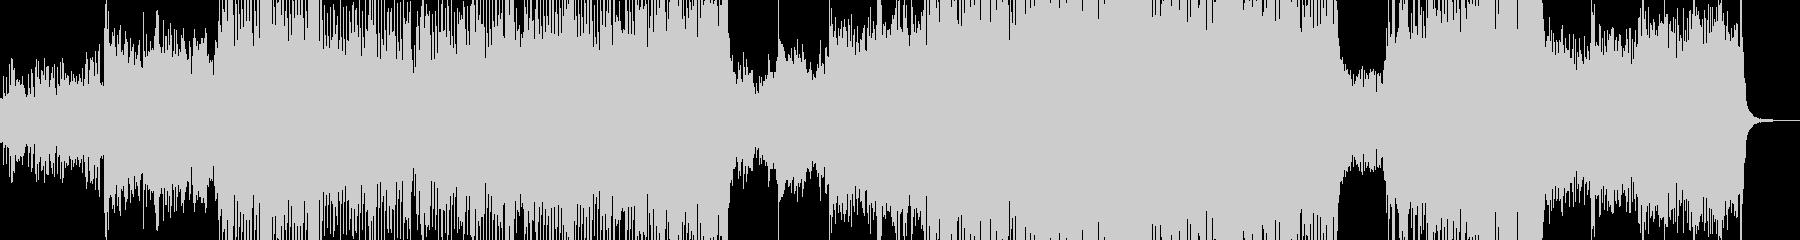 カラフルでメルヘンなテクノポップ Lの未再生の波形